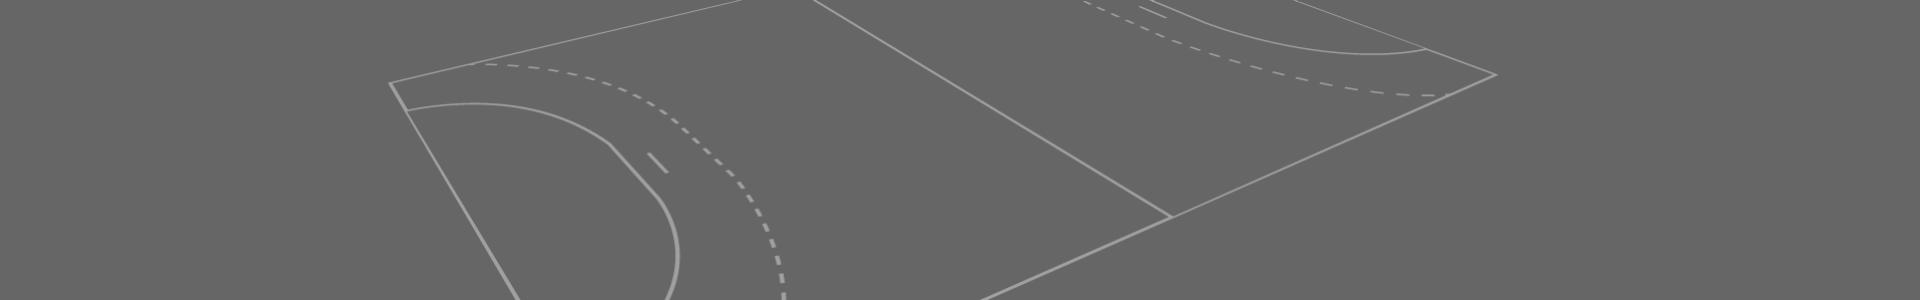 MVP Handball Agency